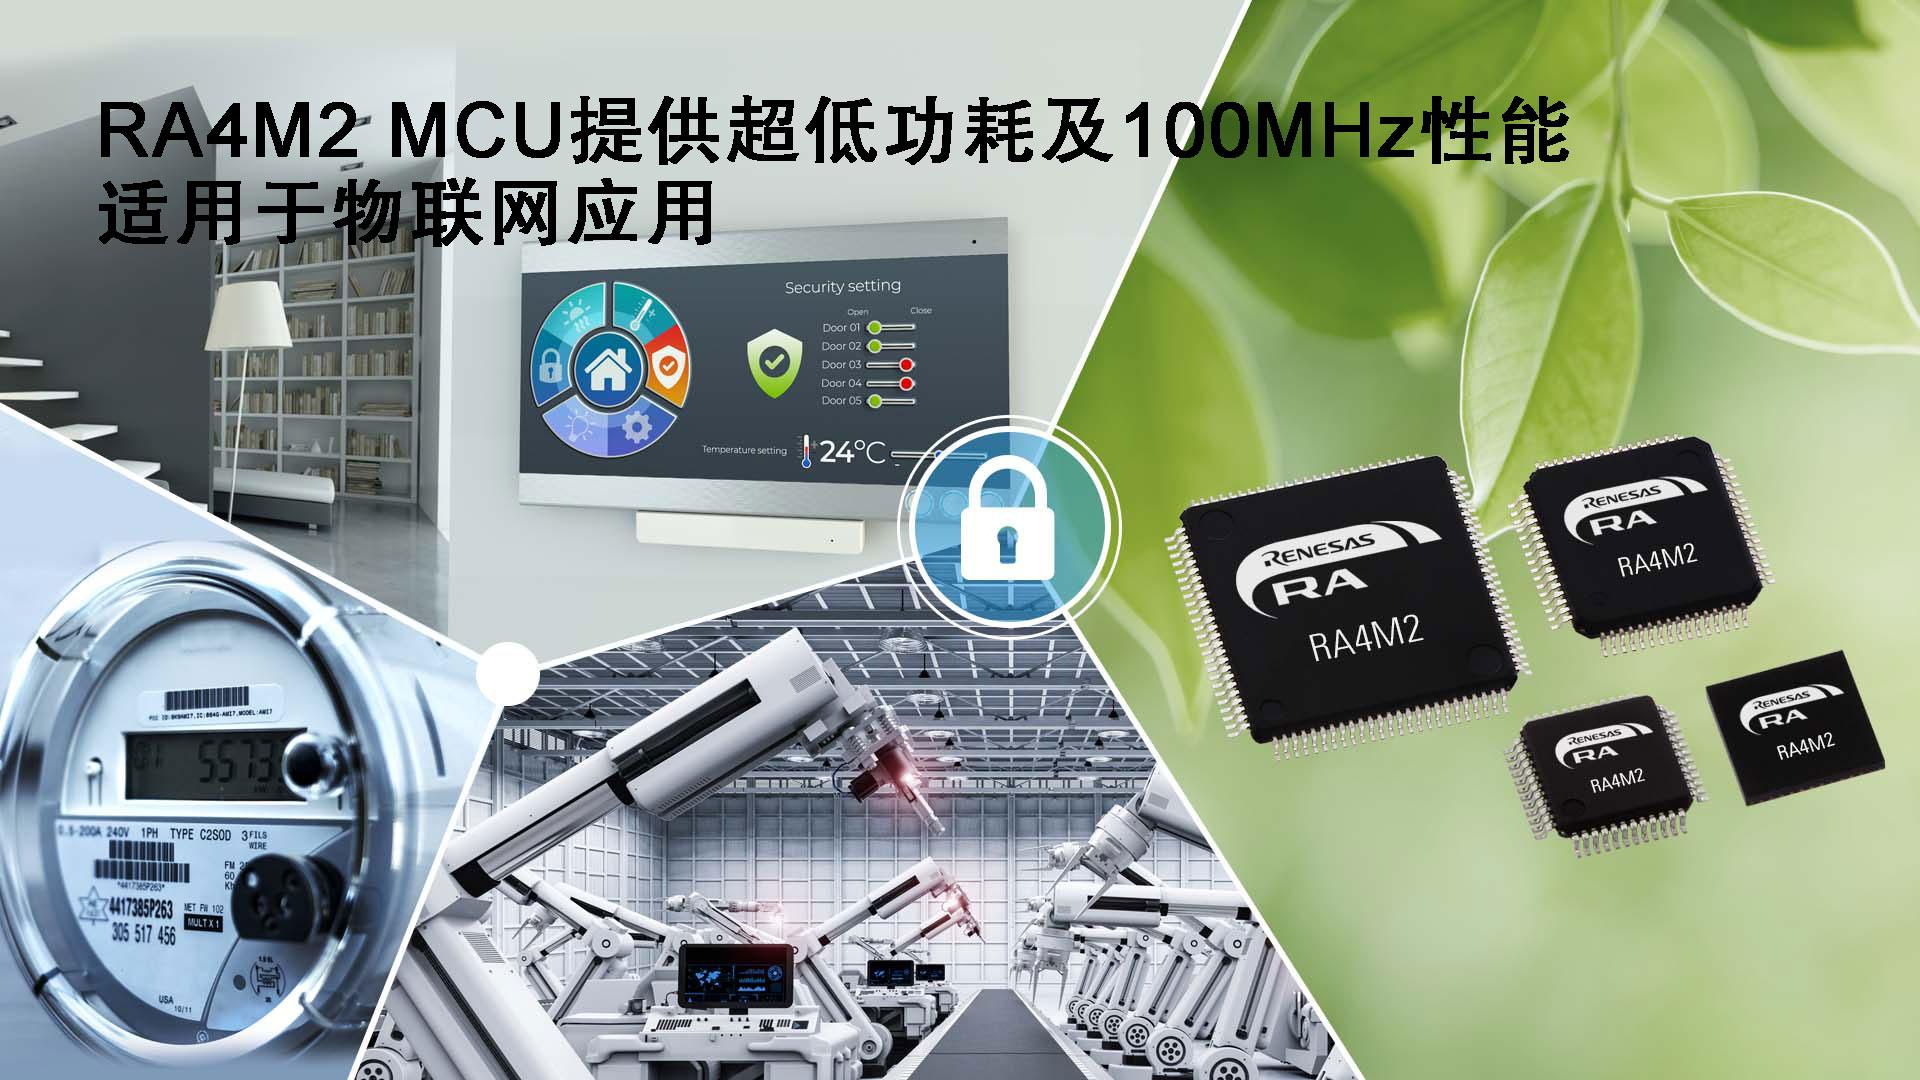 瑞萨电子推出Arm Cortex MCU产品家族全新RA4M2 MCU产品群,扩展在低功耗工业与物联网应用中的覆盖范围